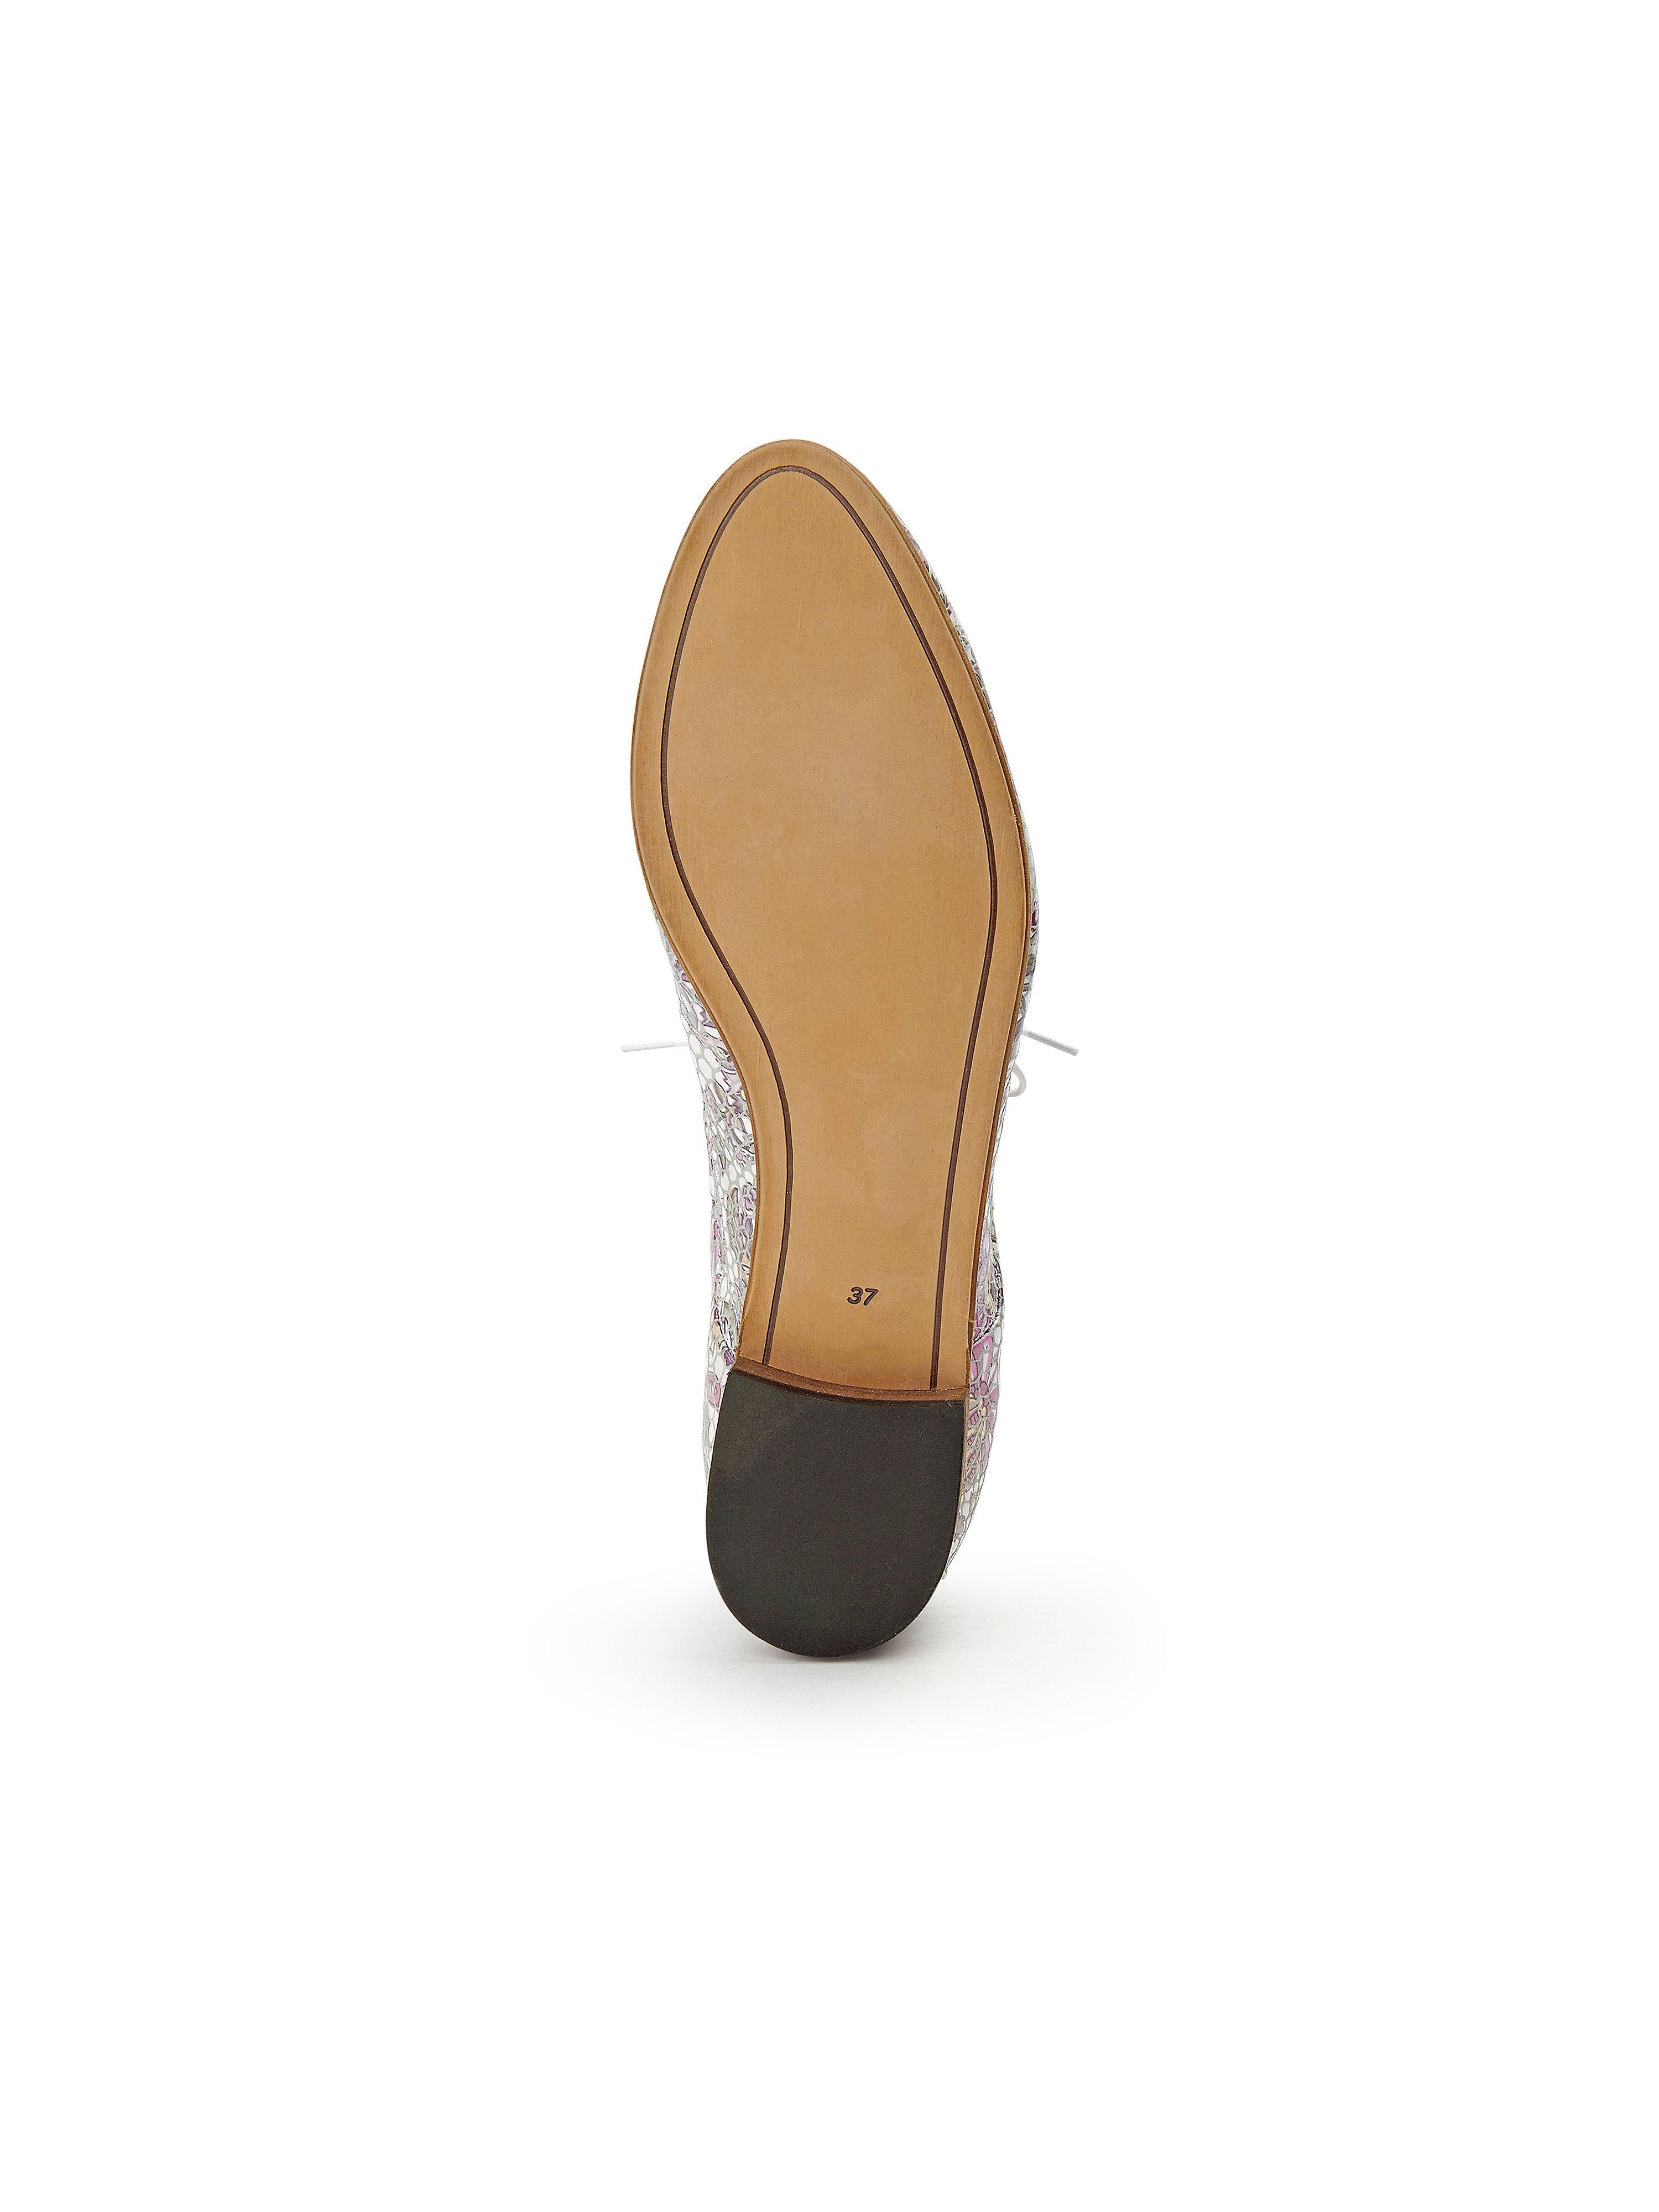 iiM77 - Schnürer aus 100% Leder beliebte - Weiß-Multicolor Gute Qualität beliebte Leder Schuhe 878c37